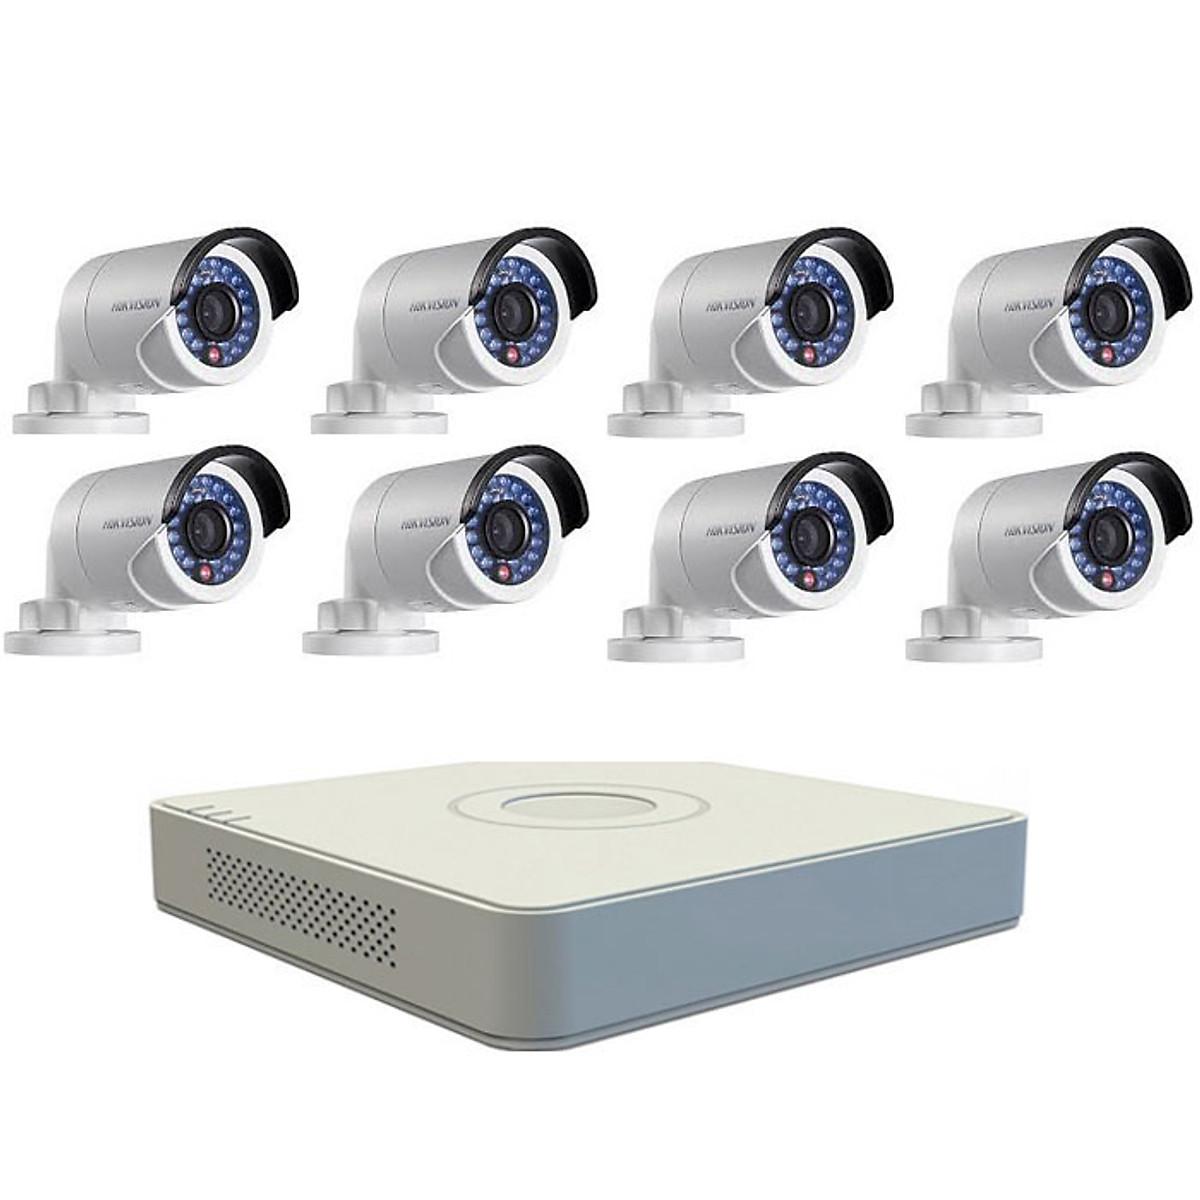 Bộ Camera Quan Sát Hikvision 8 Kênh 2.0MP Full HD – Hàng Chính Hãng